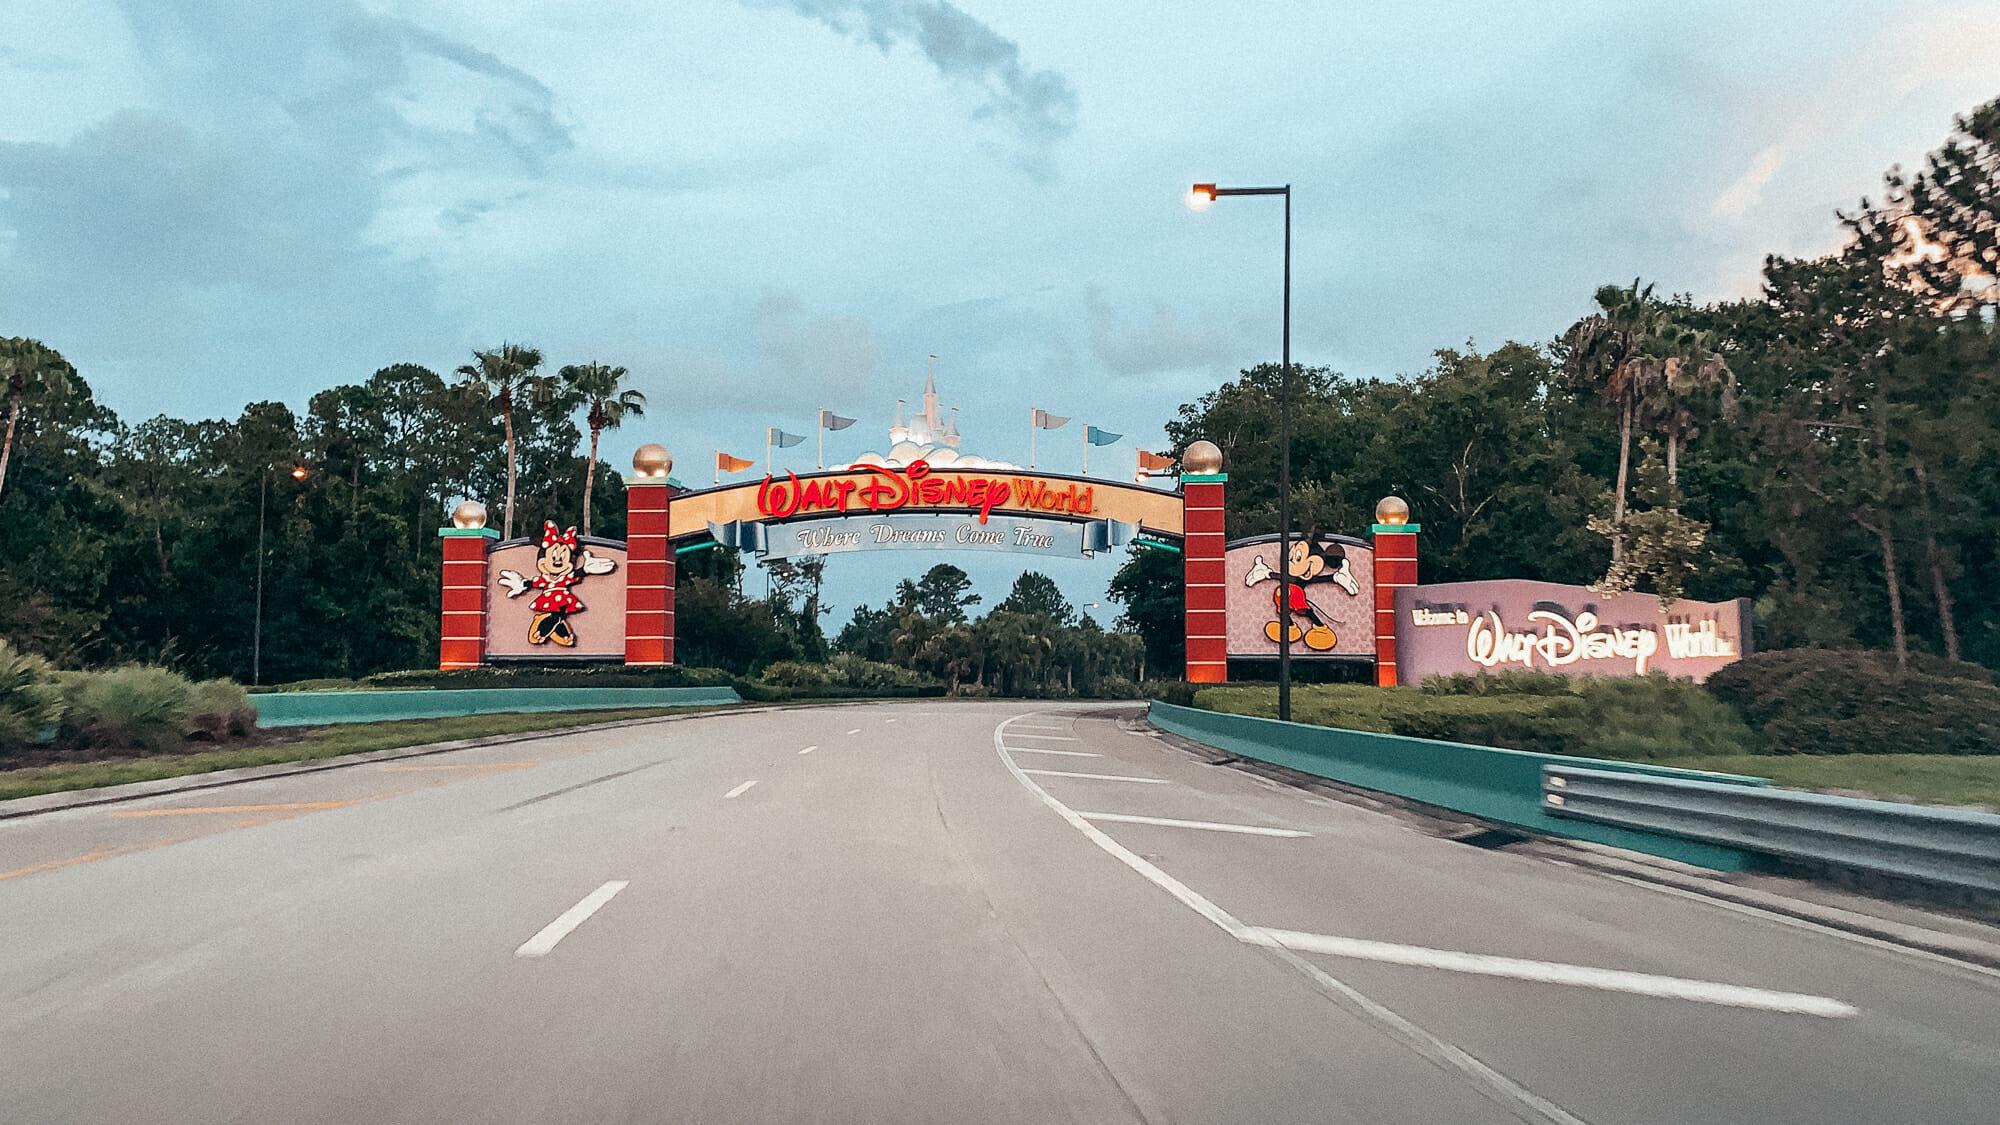 """Foto da entrada do complexo Disney em Orlando. Há um arco decorado com o Mickey e a Minnie de cada lado e as palavras """"Walt Disney World"""" acima"""